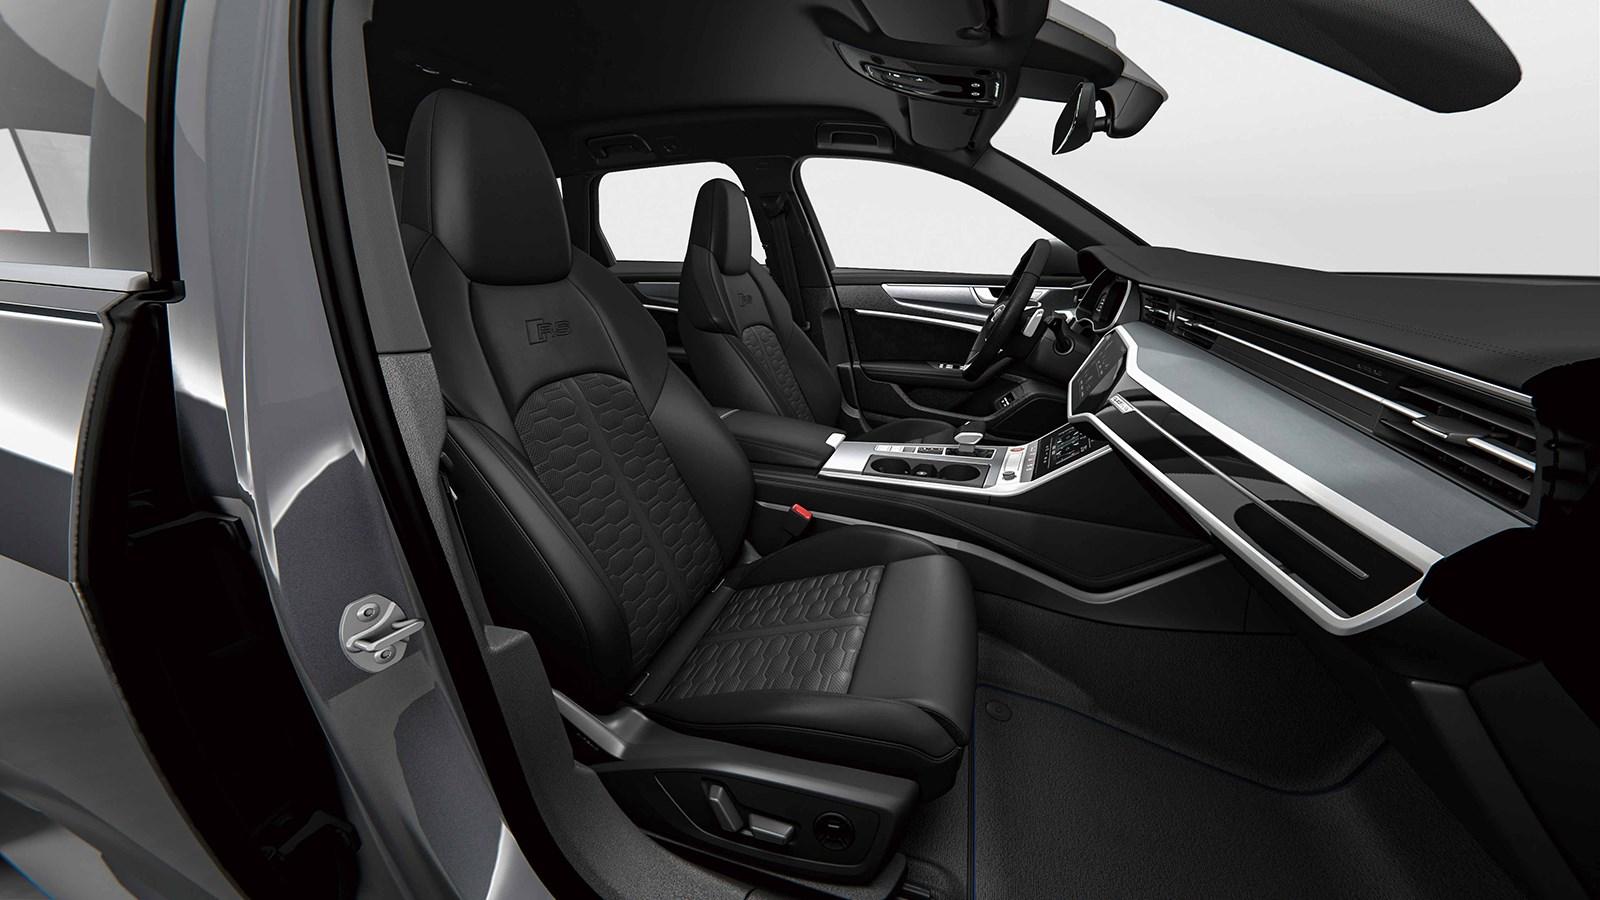 アウディが最強のRS6アバント、RS7スポーツバックを来年1月に日本発売。最大トルクは800Nmへ